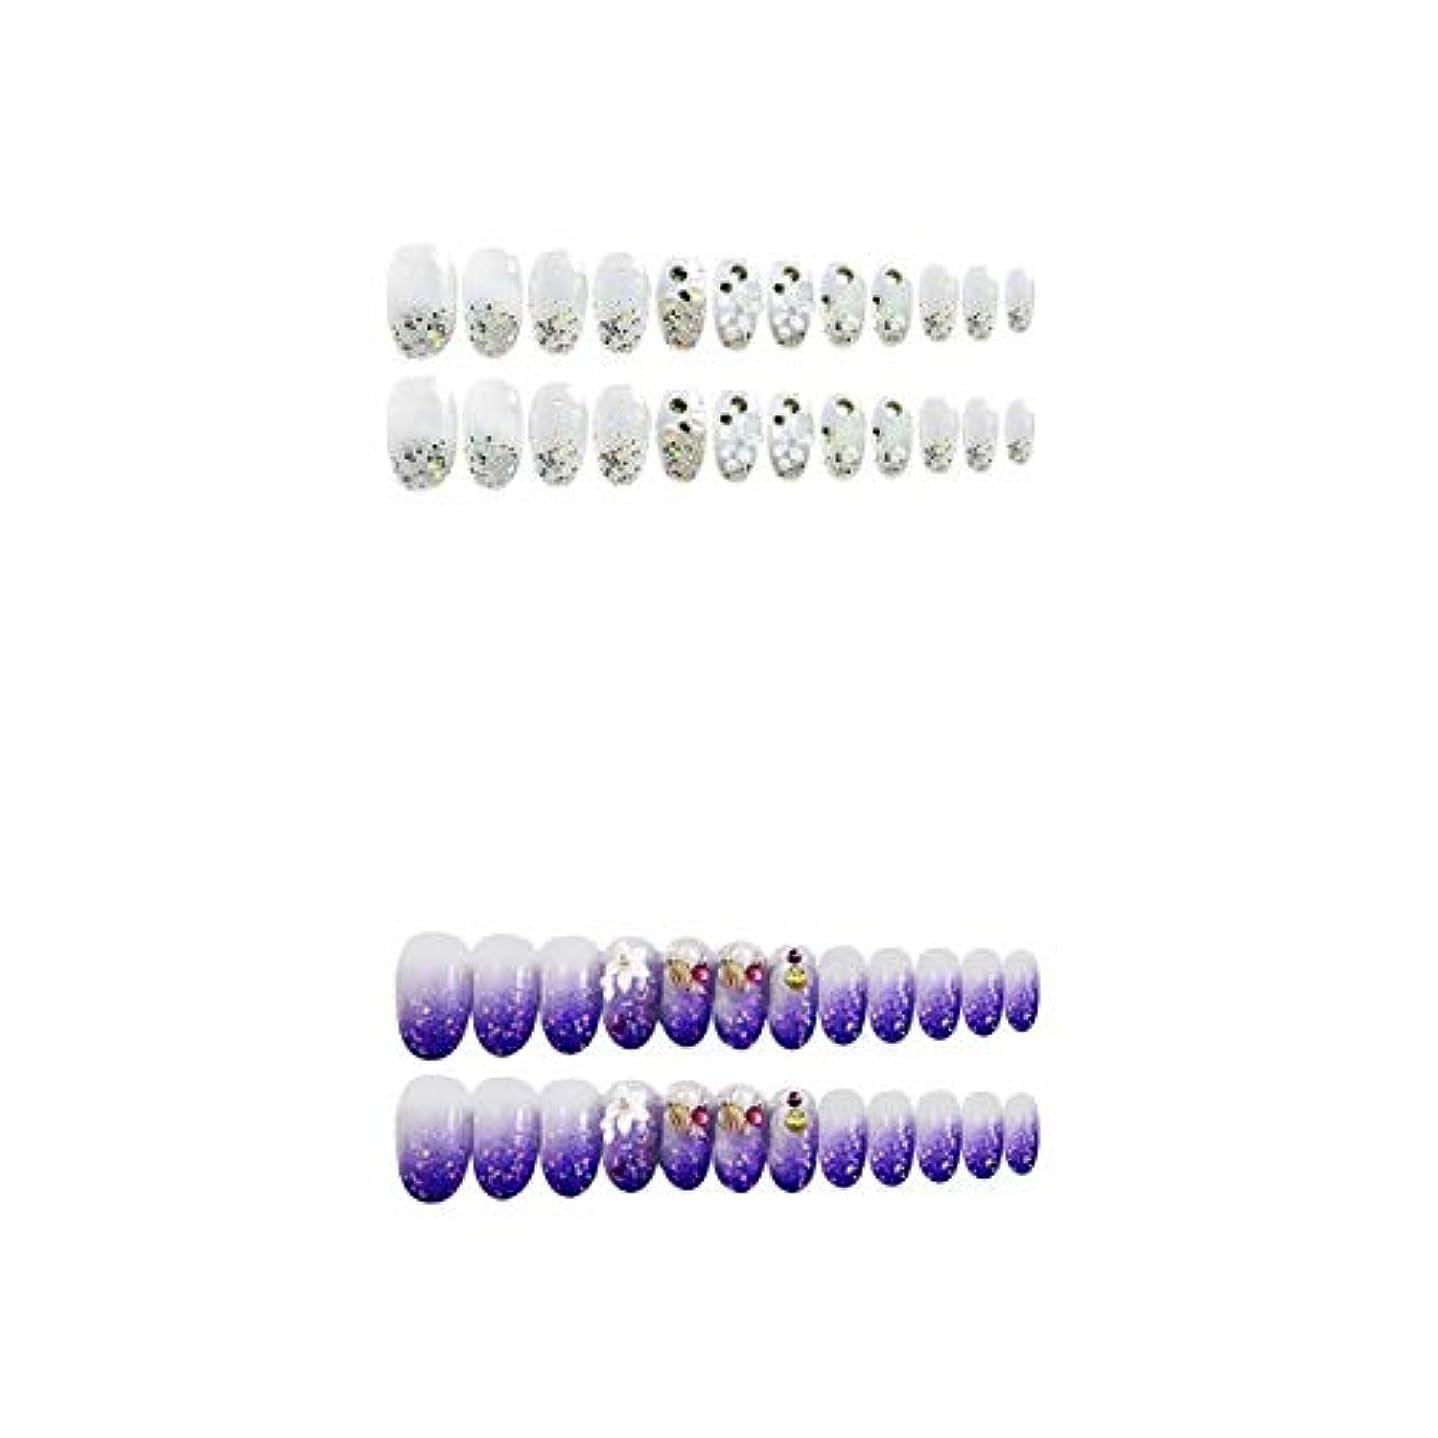 チャーミングヒロイン厳密に48枚入 ネイルチップ 短い ショート オーバル 夢幻 無地 透明 ゼリーネイルチップ 全2色